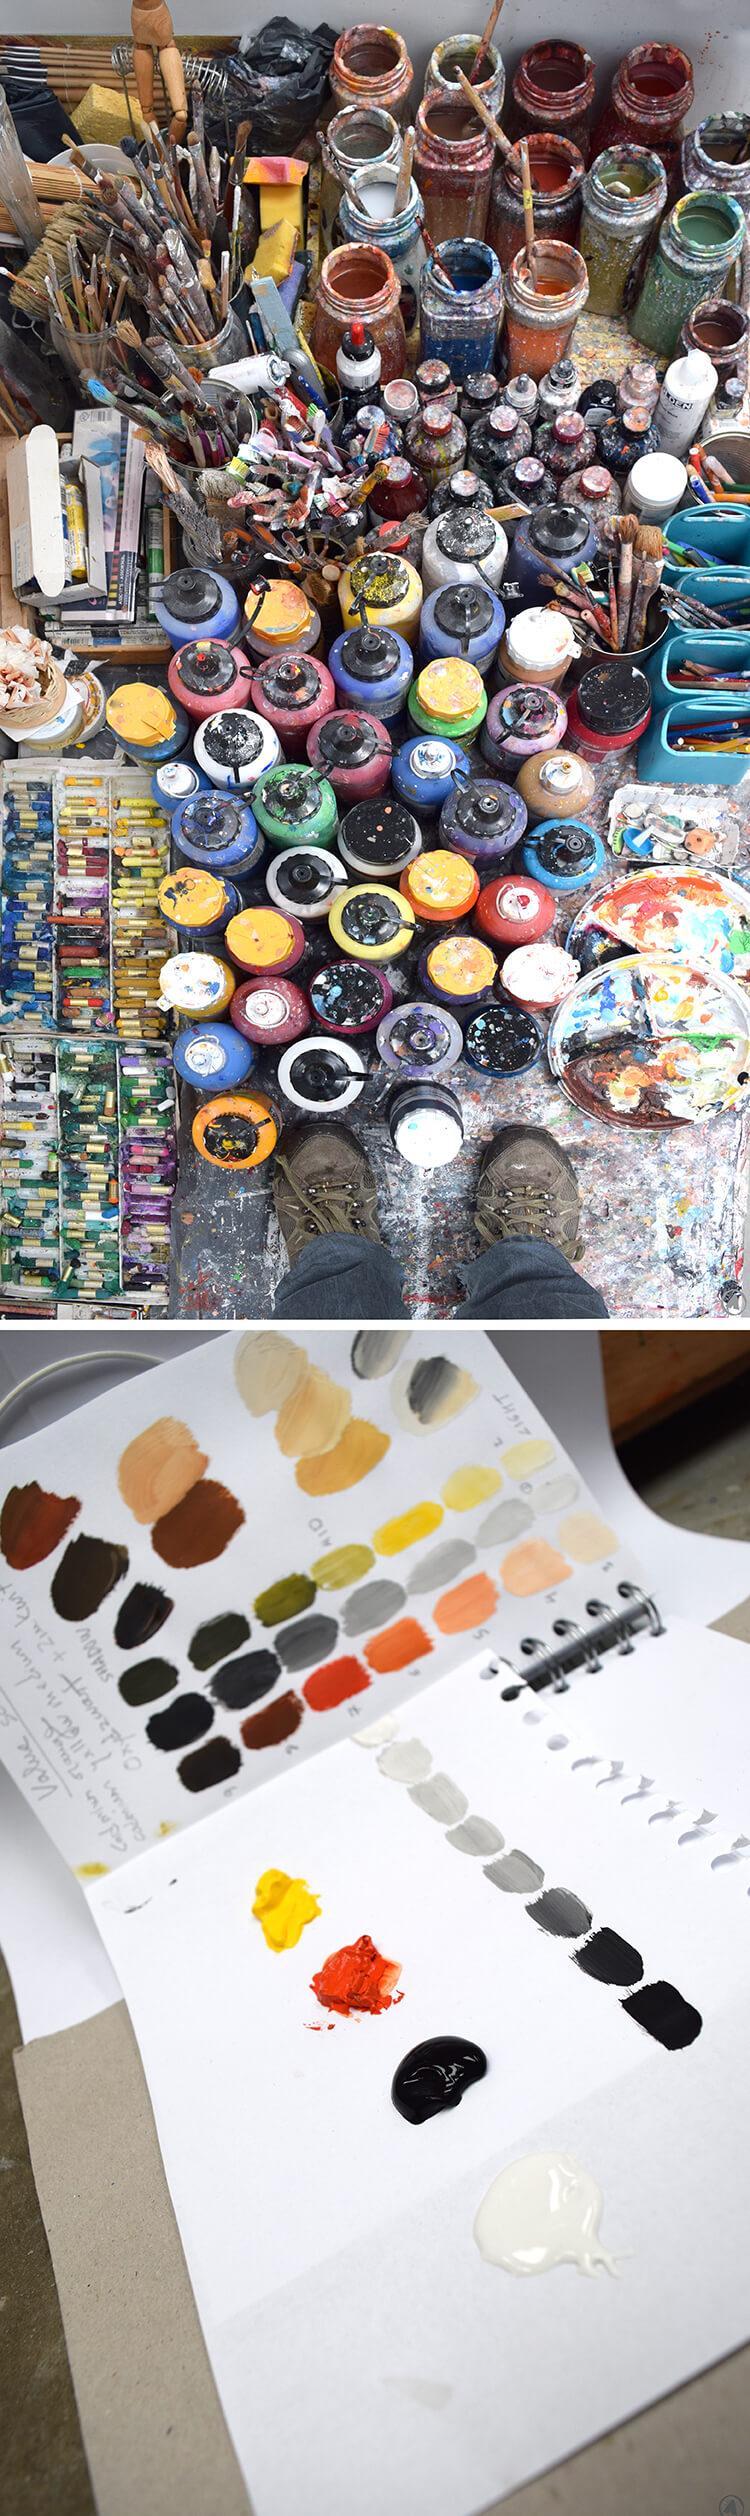 Foto por Angeles Nieto - artículo sobre nombrar colores